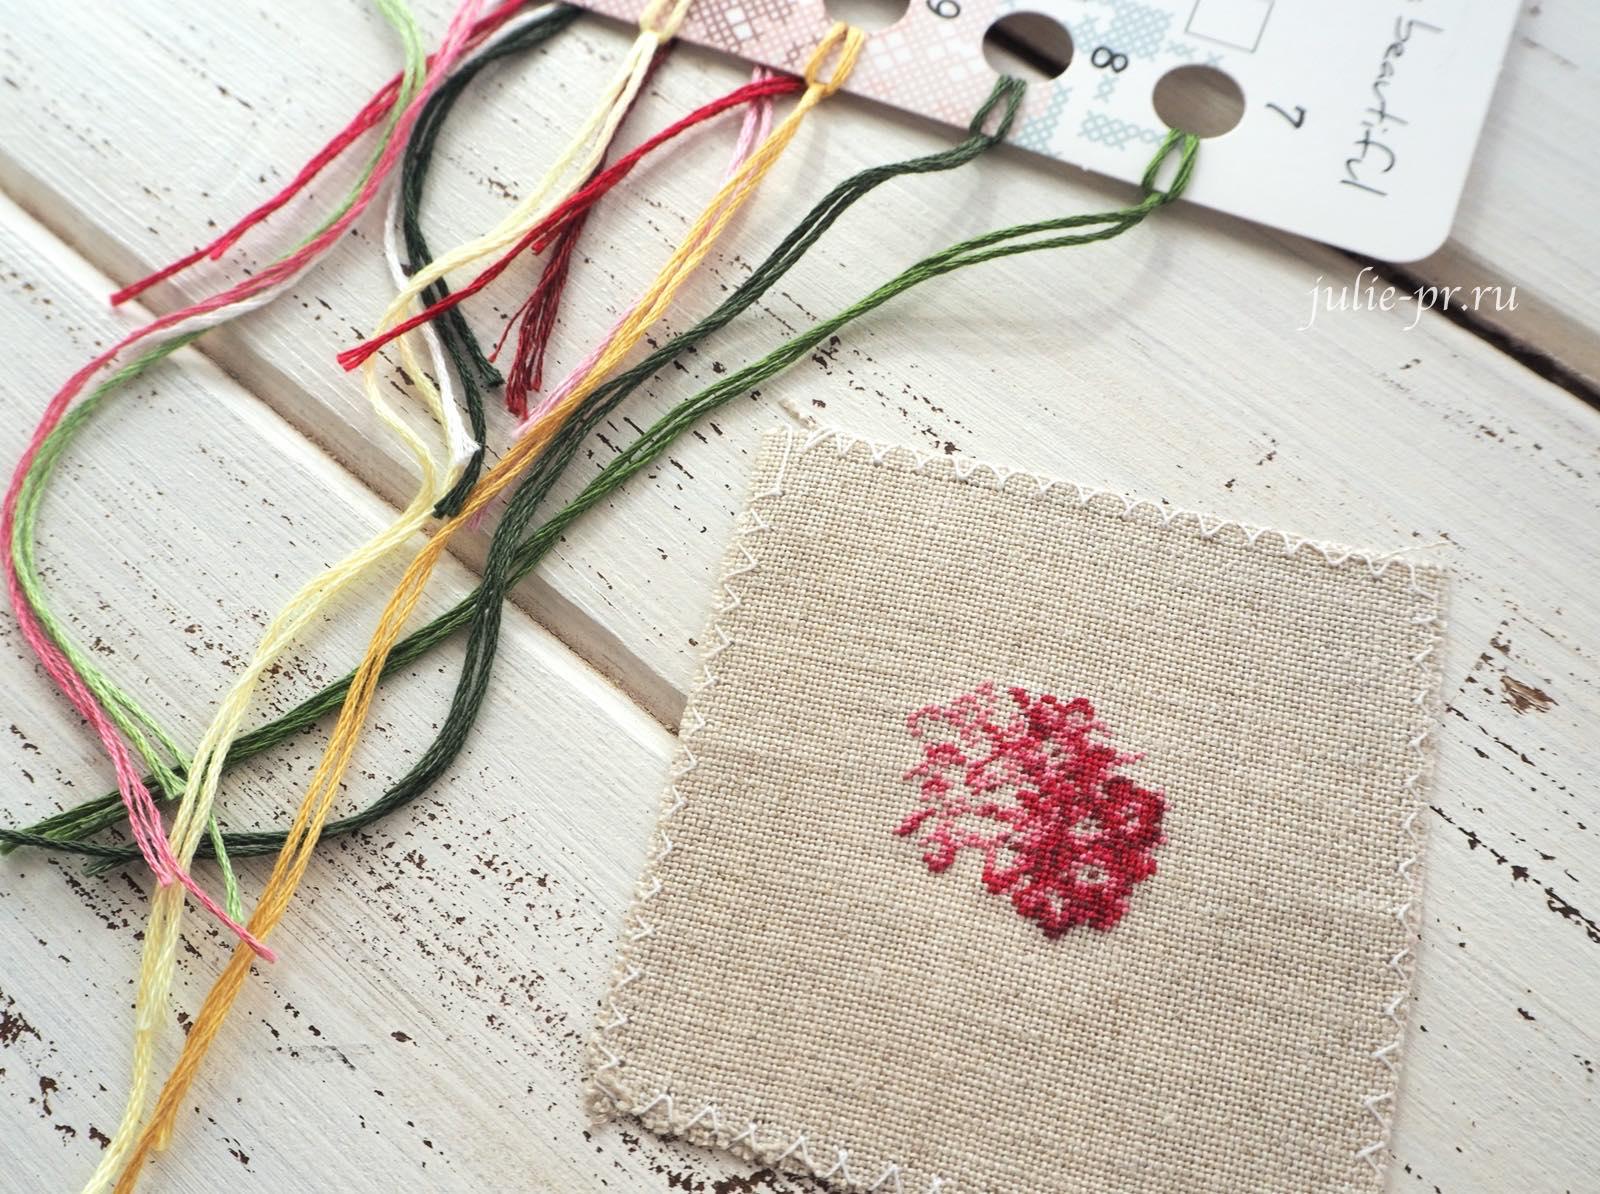 LB-Accessories, Life is beautiful, вышивка петитом, petit point, микровышивка, кулон с вышивкой, розовая гортенизя